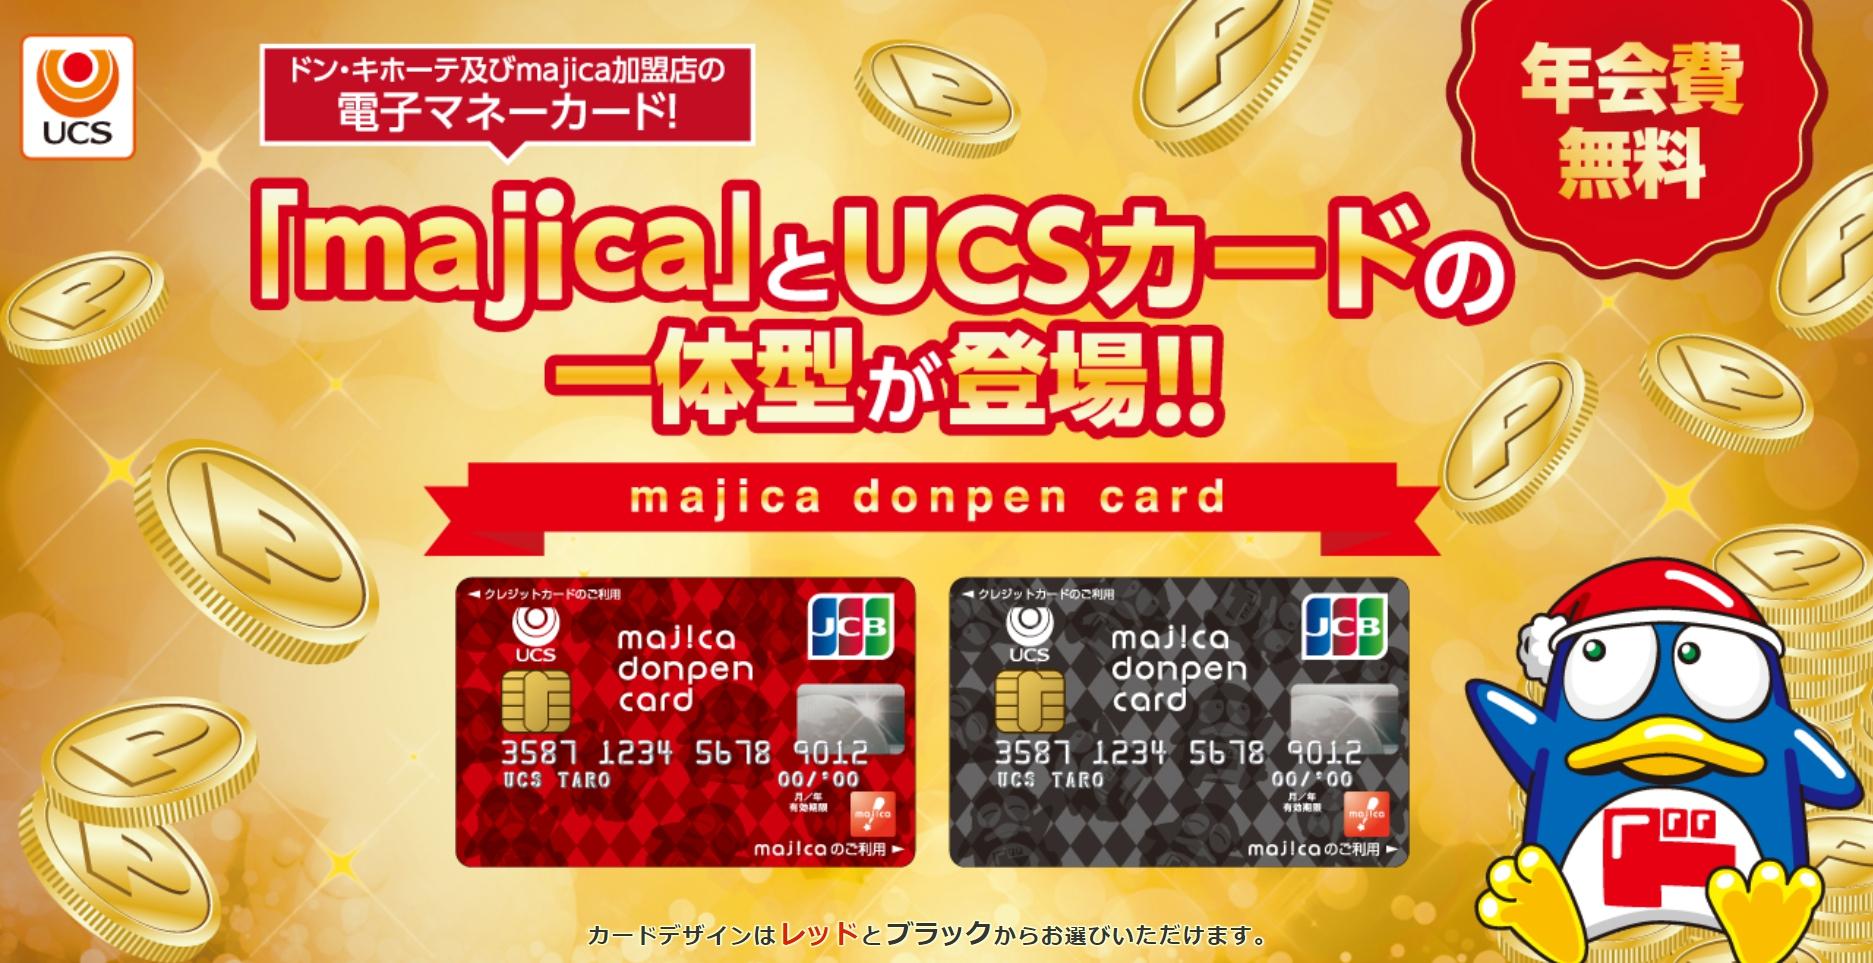 マジカ ドンペン カード ドンキ最強カード。マジカドンペンカードのメリット・デメリット